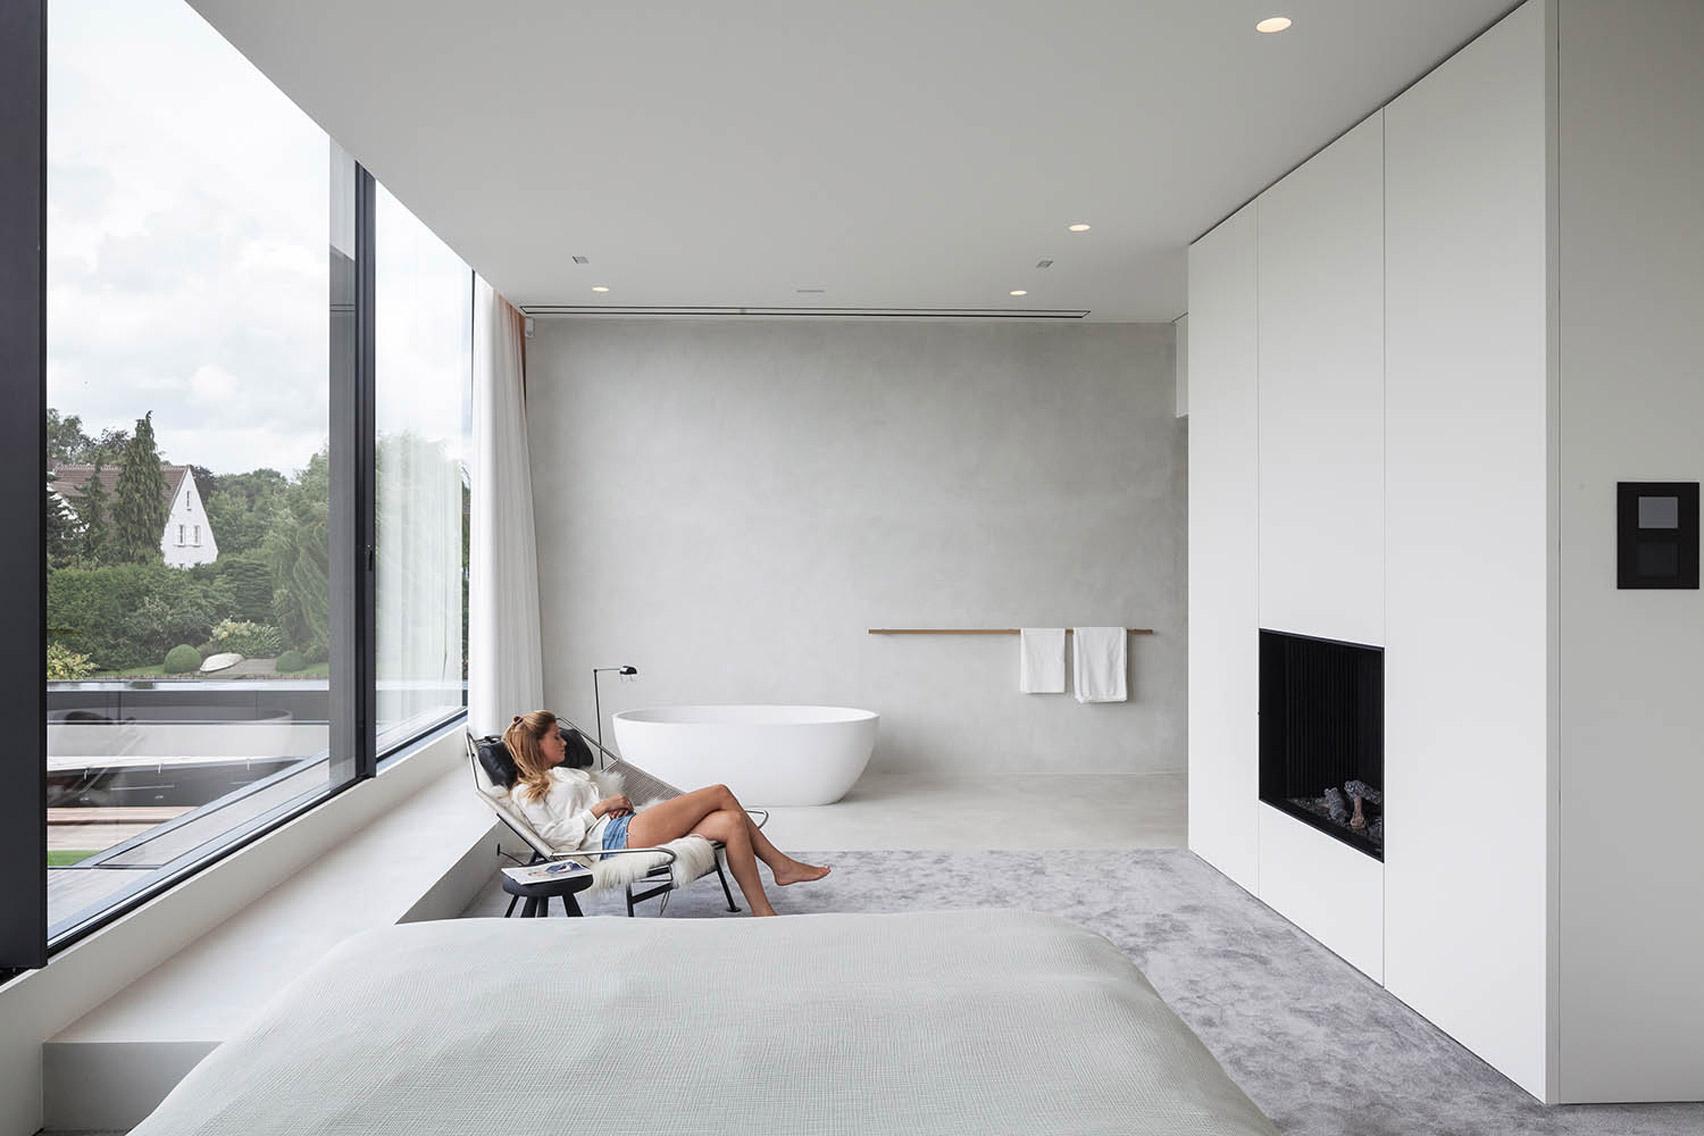 Un dettaglio dell'ambiente interno / Govaert & Vanhoutte Architects